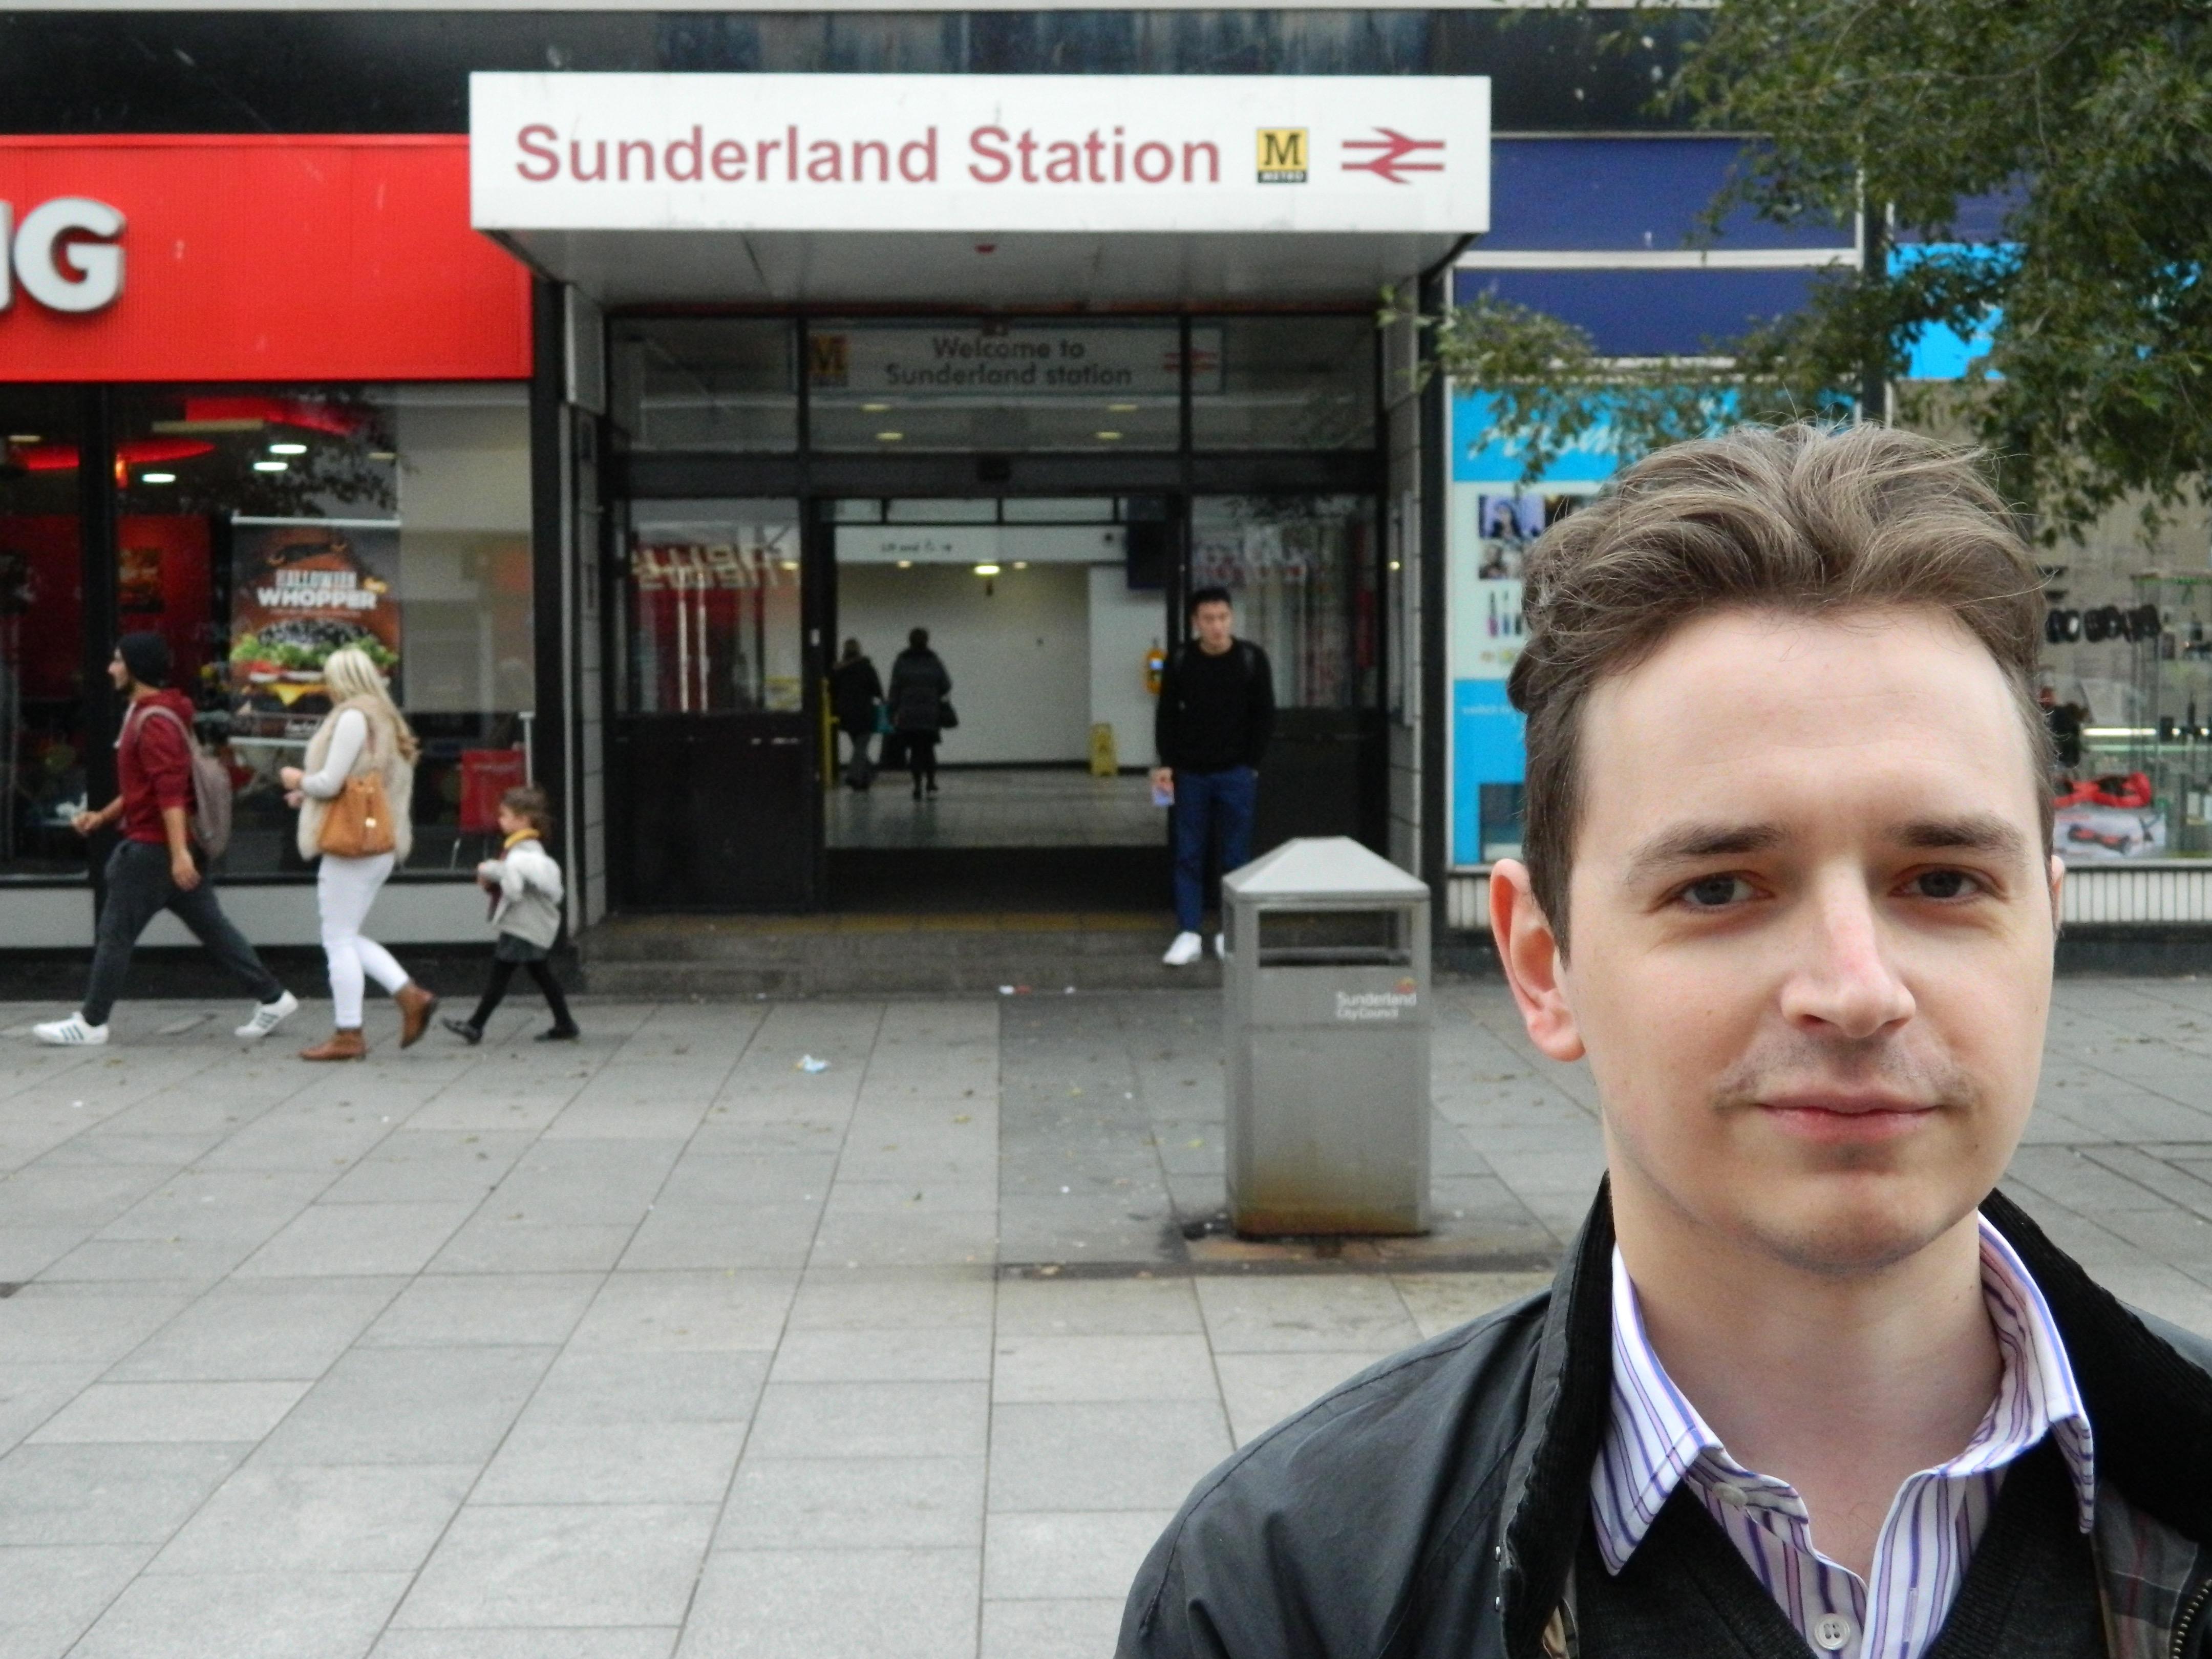 key_niallsunderlandstation.jpg